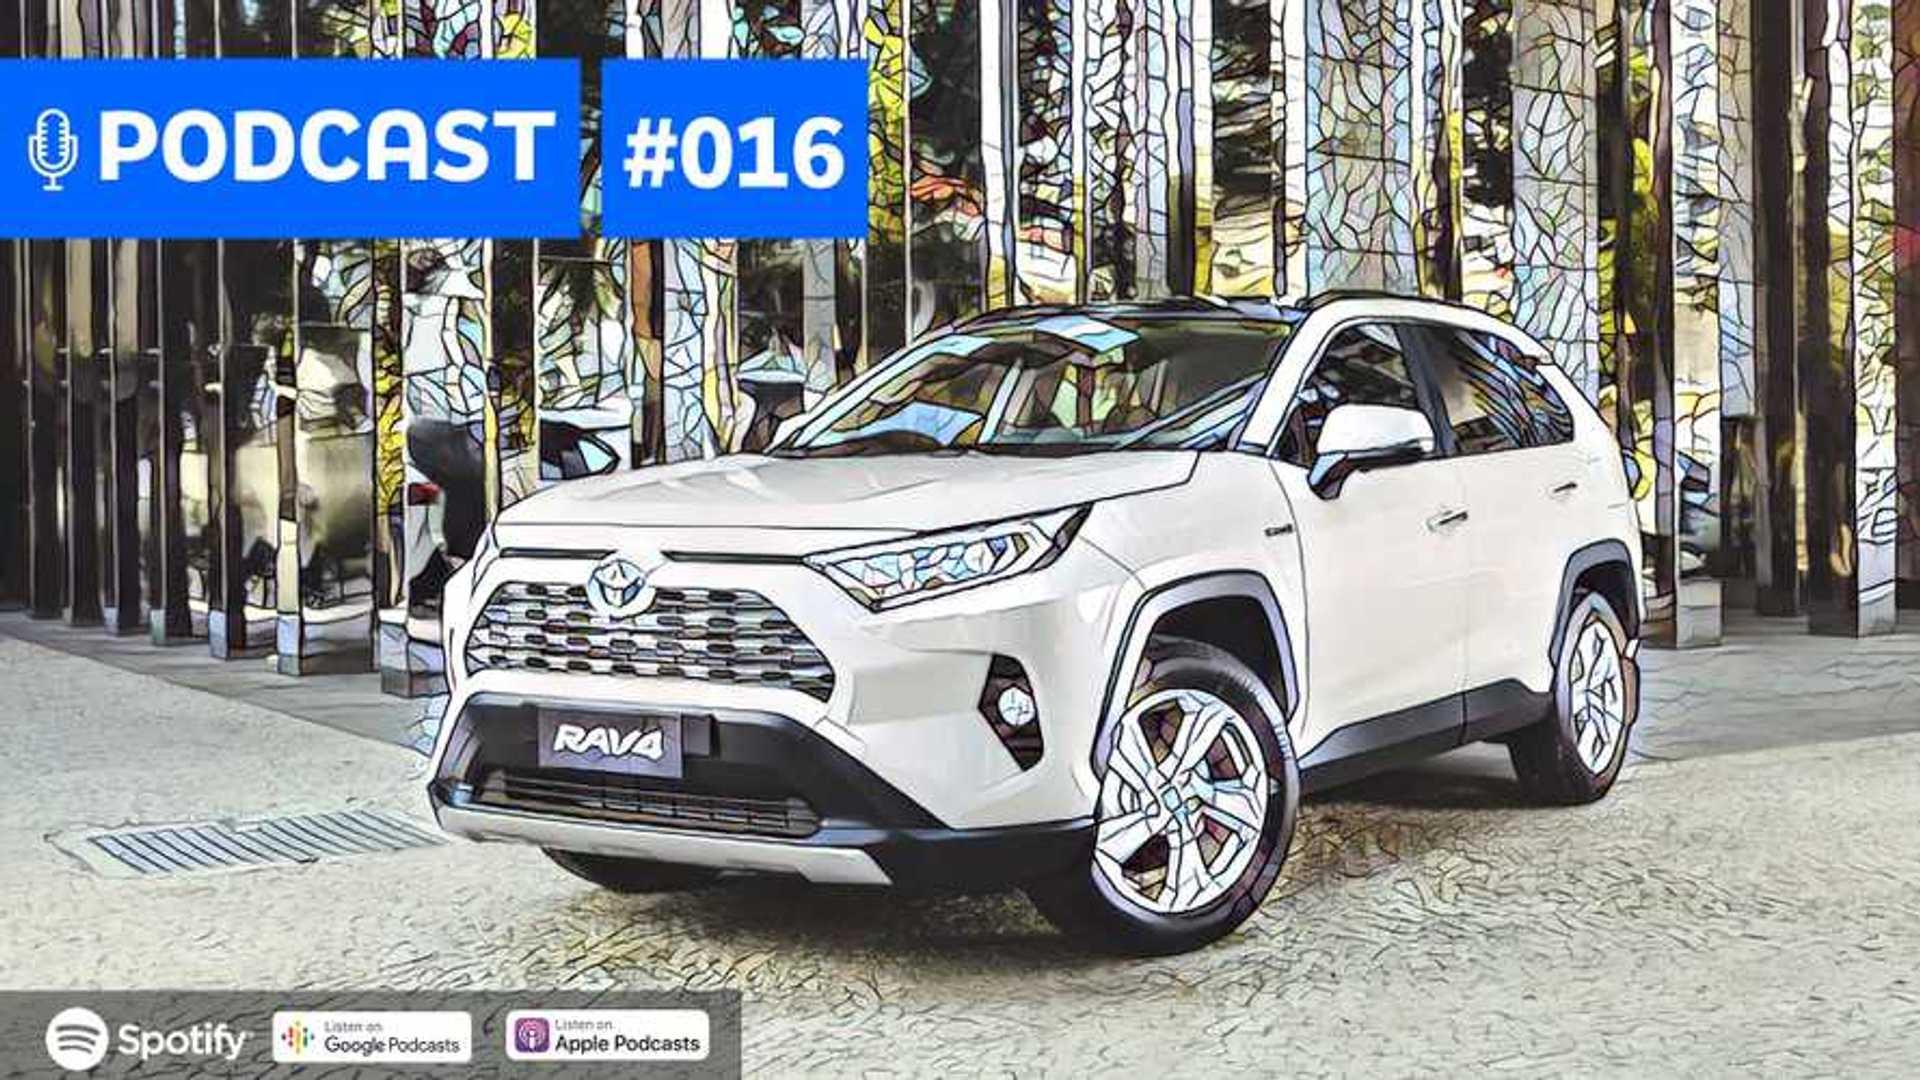 Motor1.com Podcast #016: Novos Fiat e Jeep turbo, RAV4 híbrido